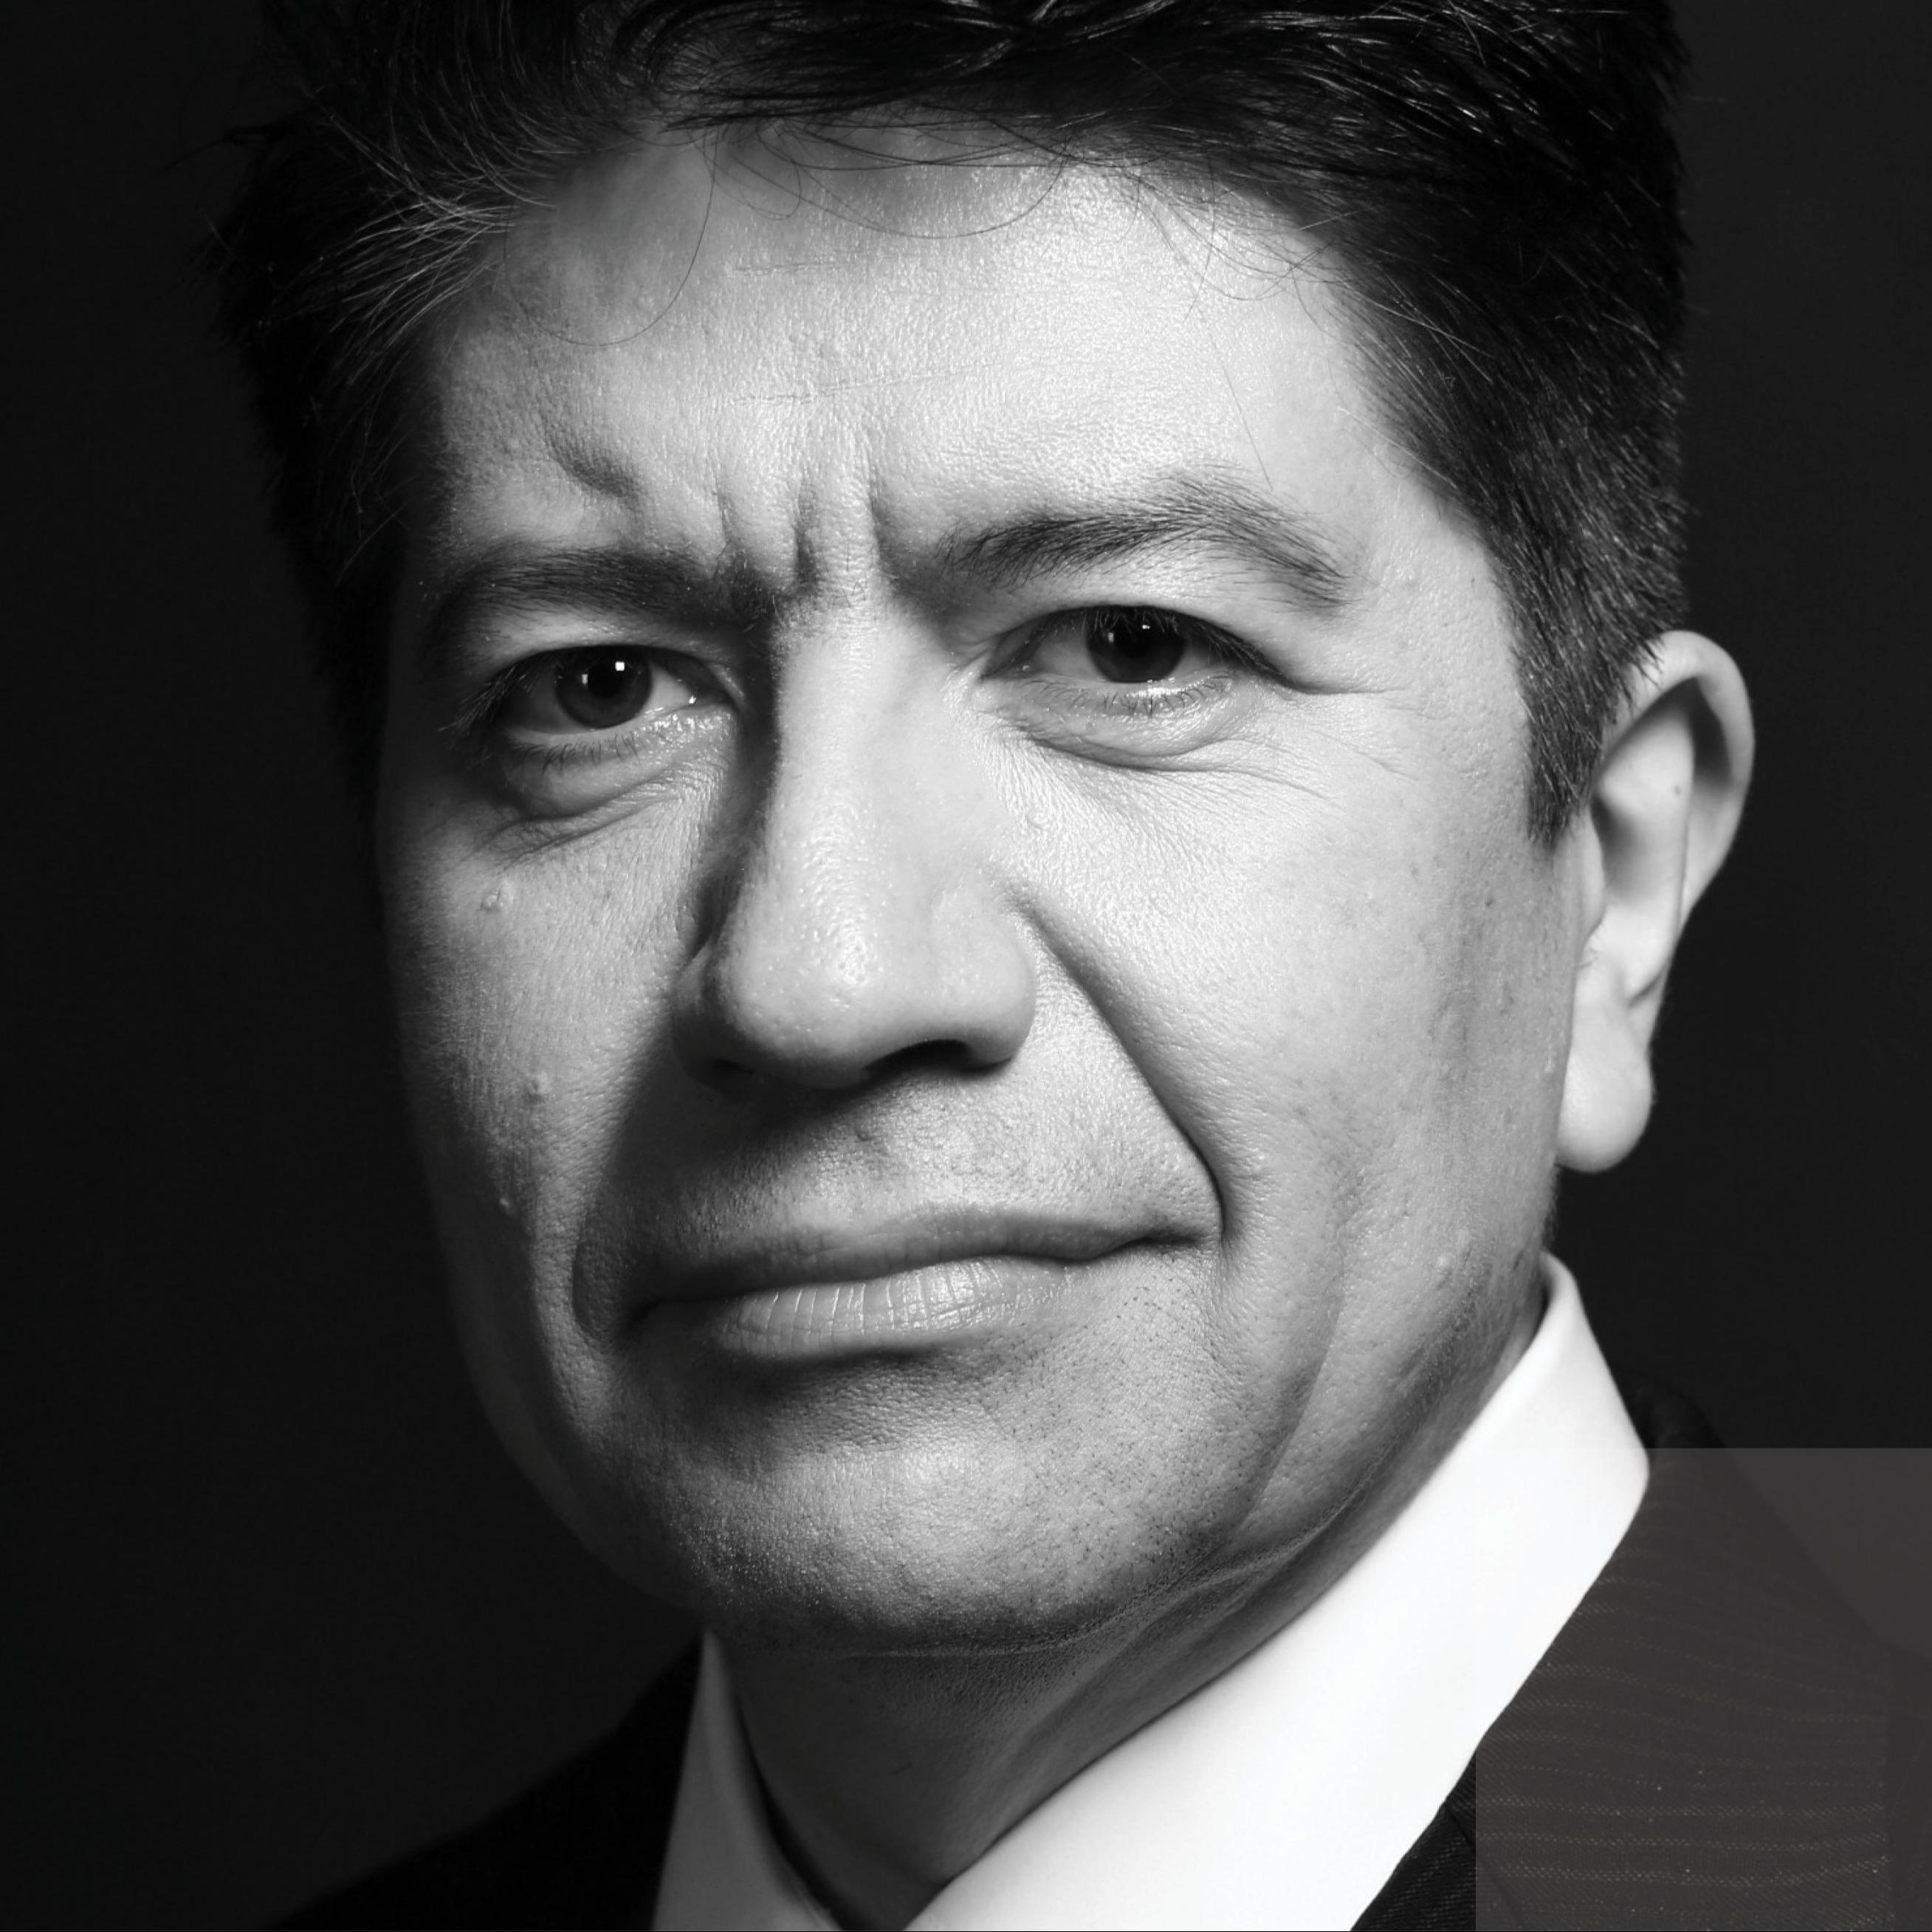 Ricardo Gonzalez Escobar